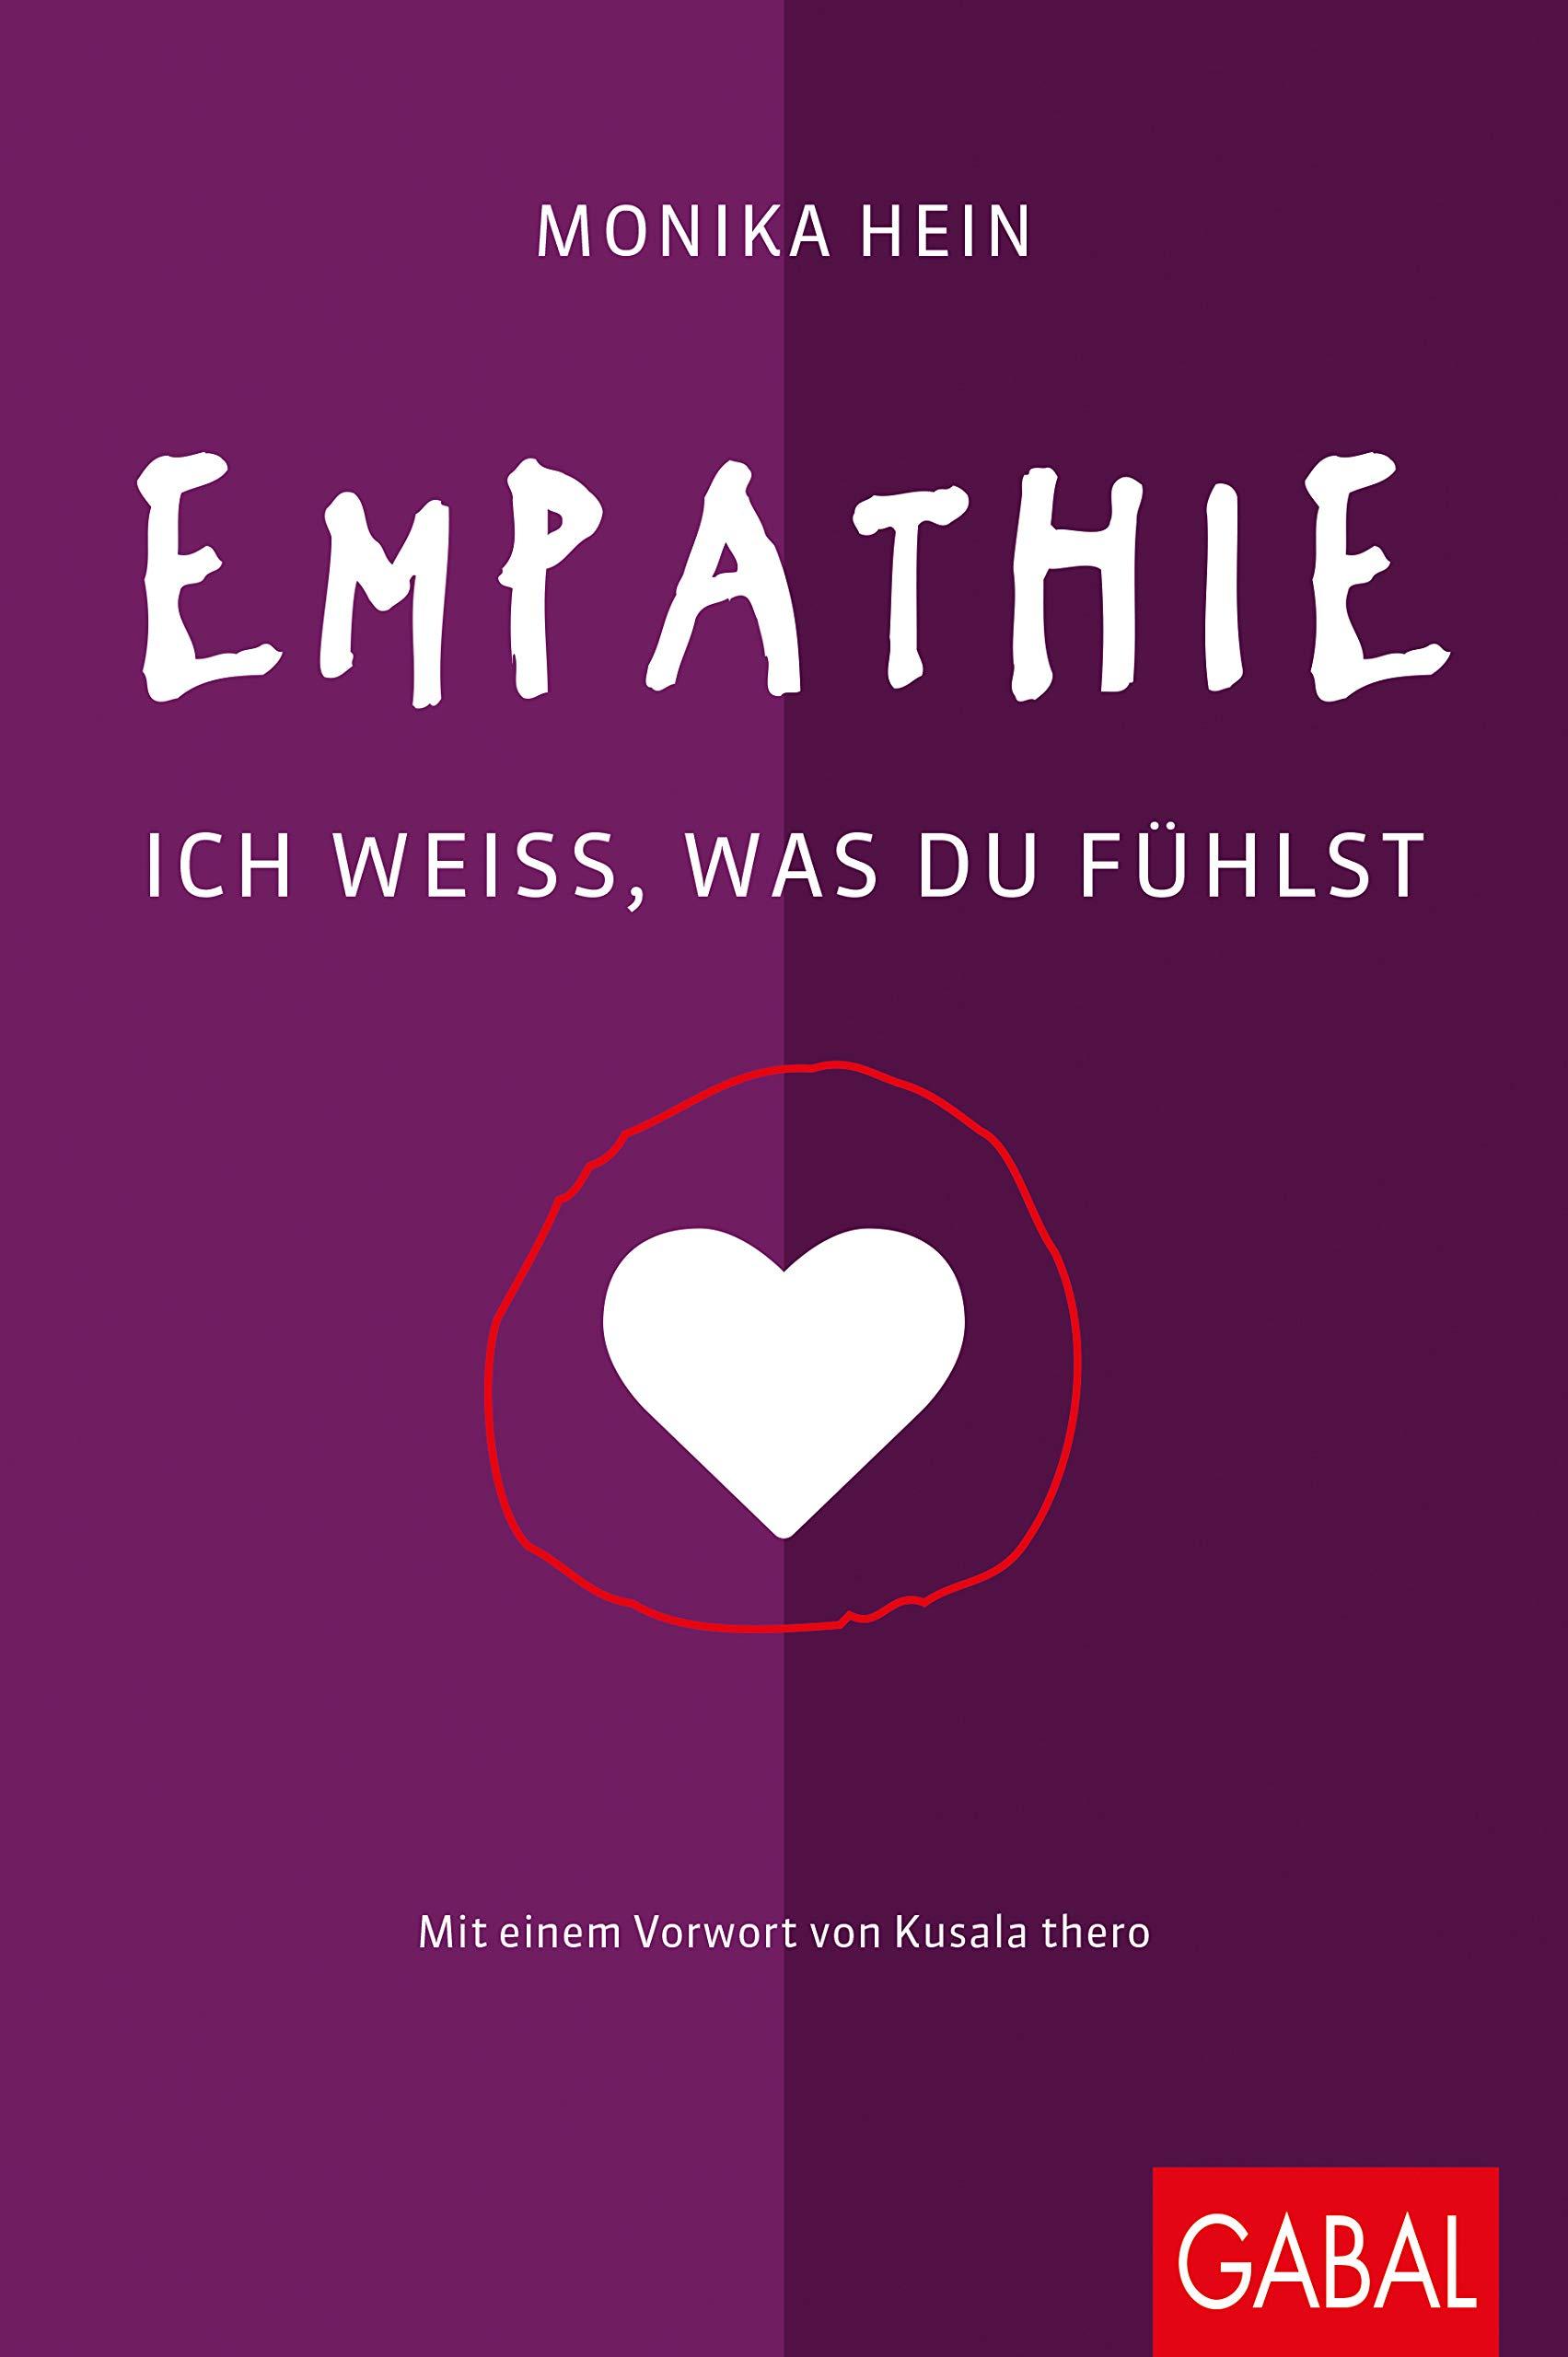 Empathie: Ich weiß, was du fühlst (Dein Leben) Gebundenes Buch – 26. Februar 2018 Monika Hein Kusala thero Empathie: Ich weiß GABAL